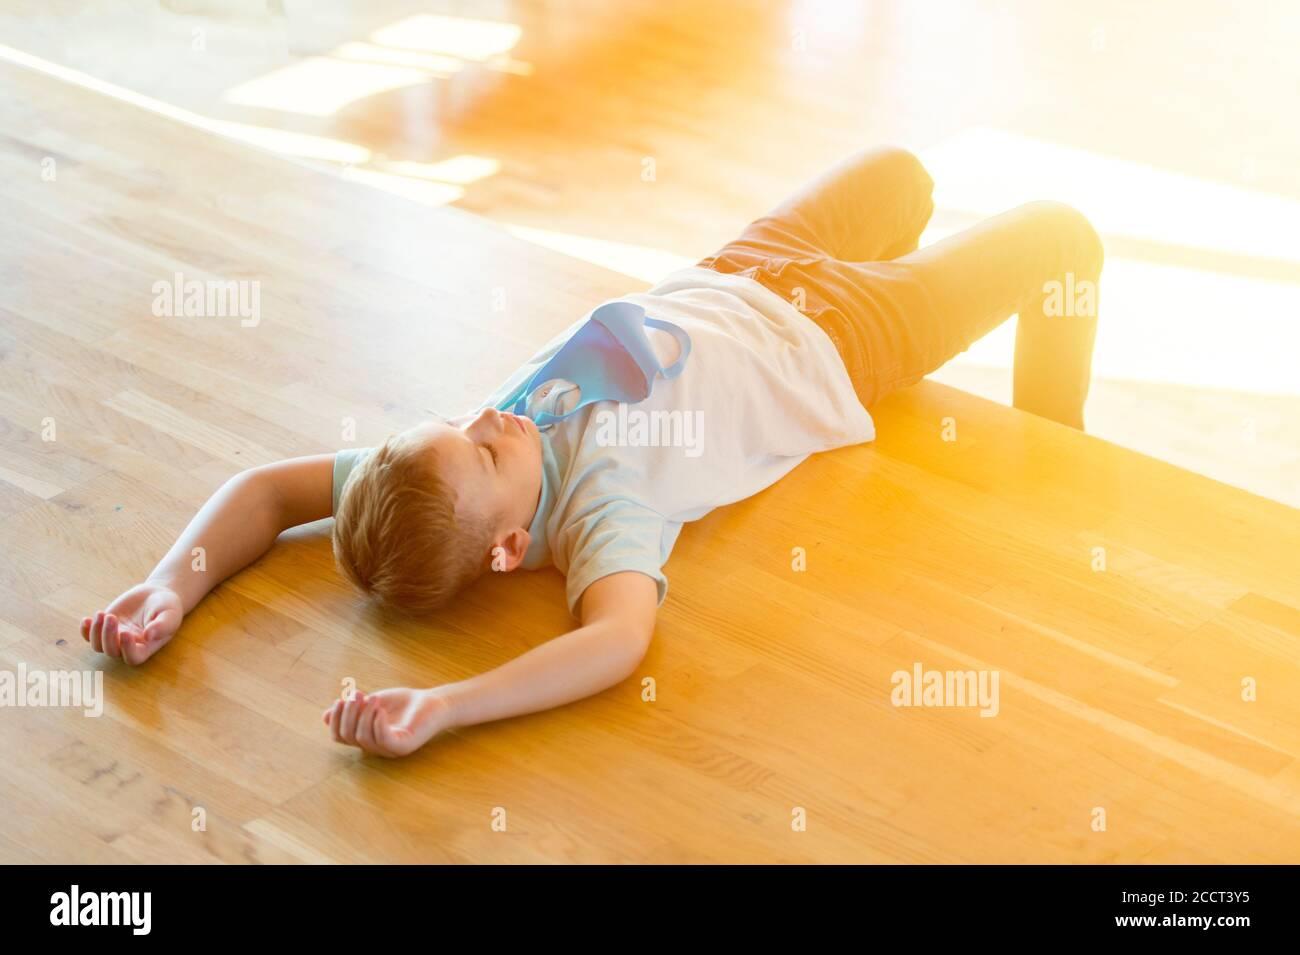 Enfant fatigué stressé épuisé avec masque bleu dans une leçon. Retour à l'école en toute sécurité pendant la pandémie concept. Distance sociale pour combattre COVID-19 Banque D'Images